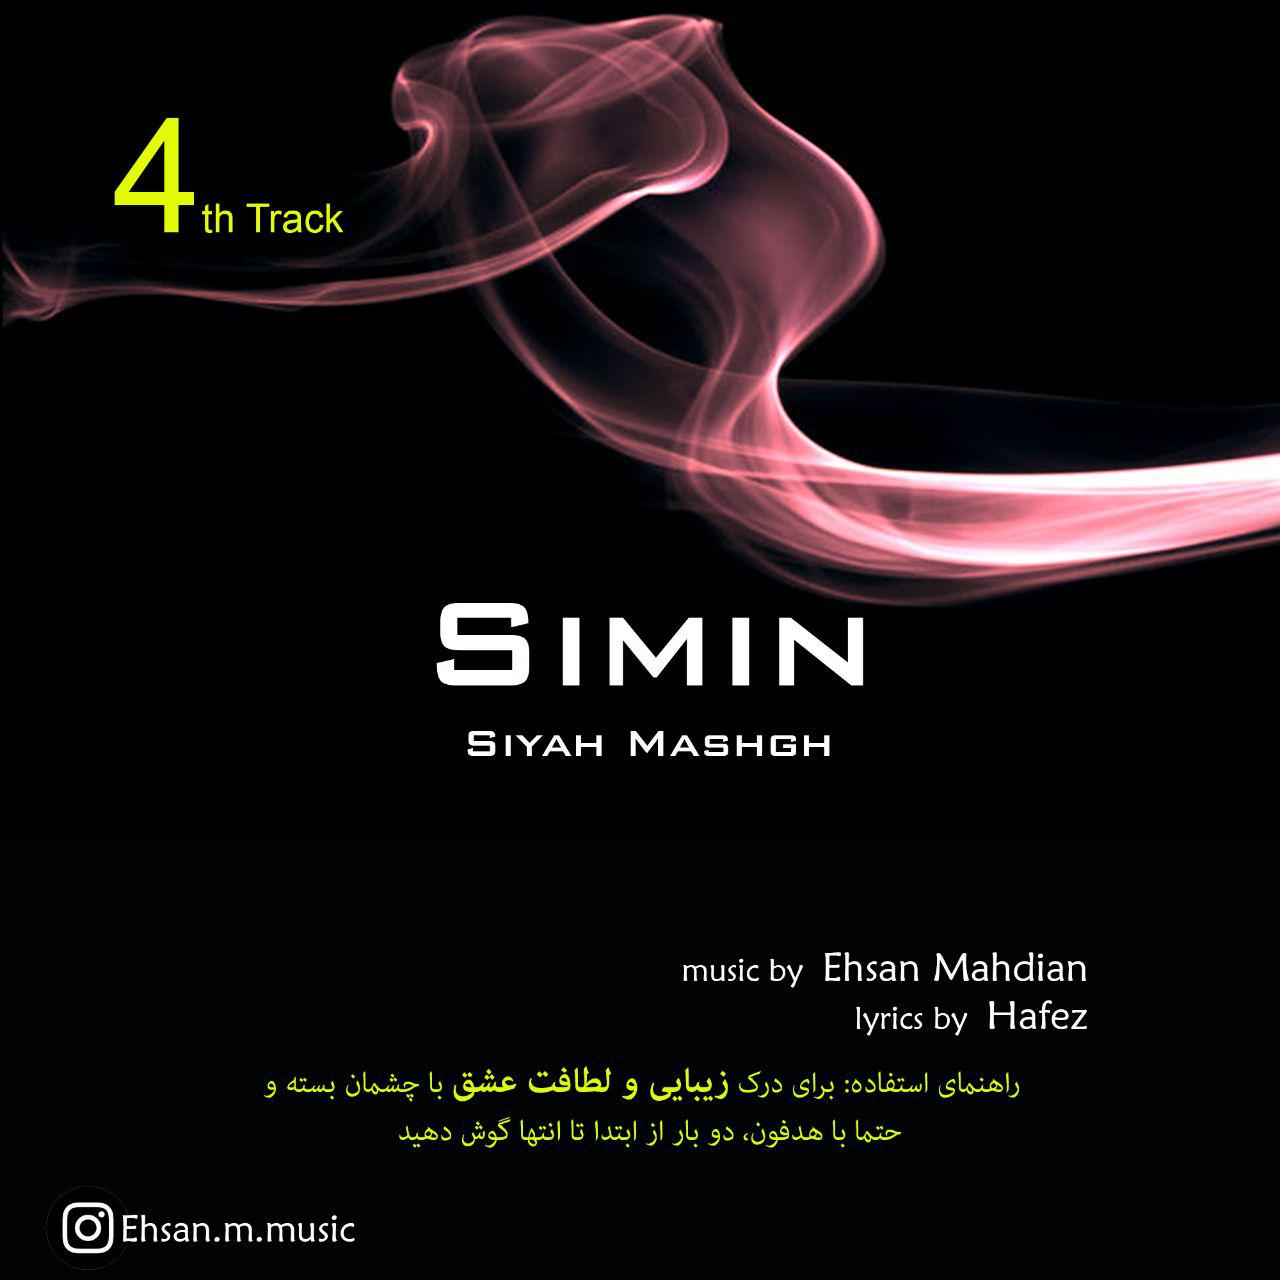 http://dl.rasanejavan.com/radio97/05/03/Ehsan%20Mahdian%20-%20Simin.jpg